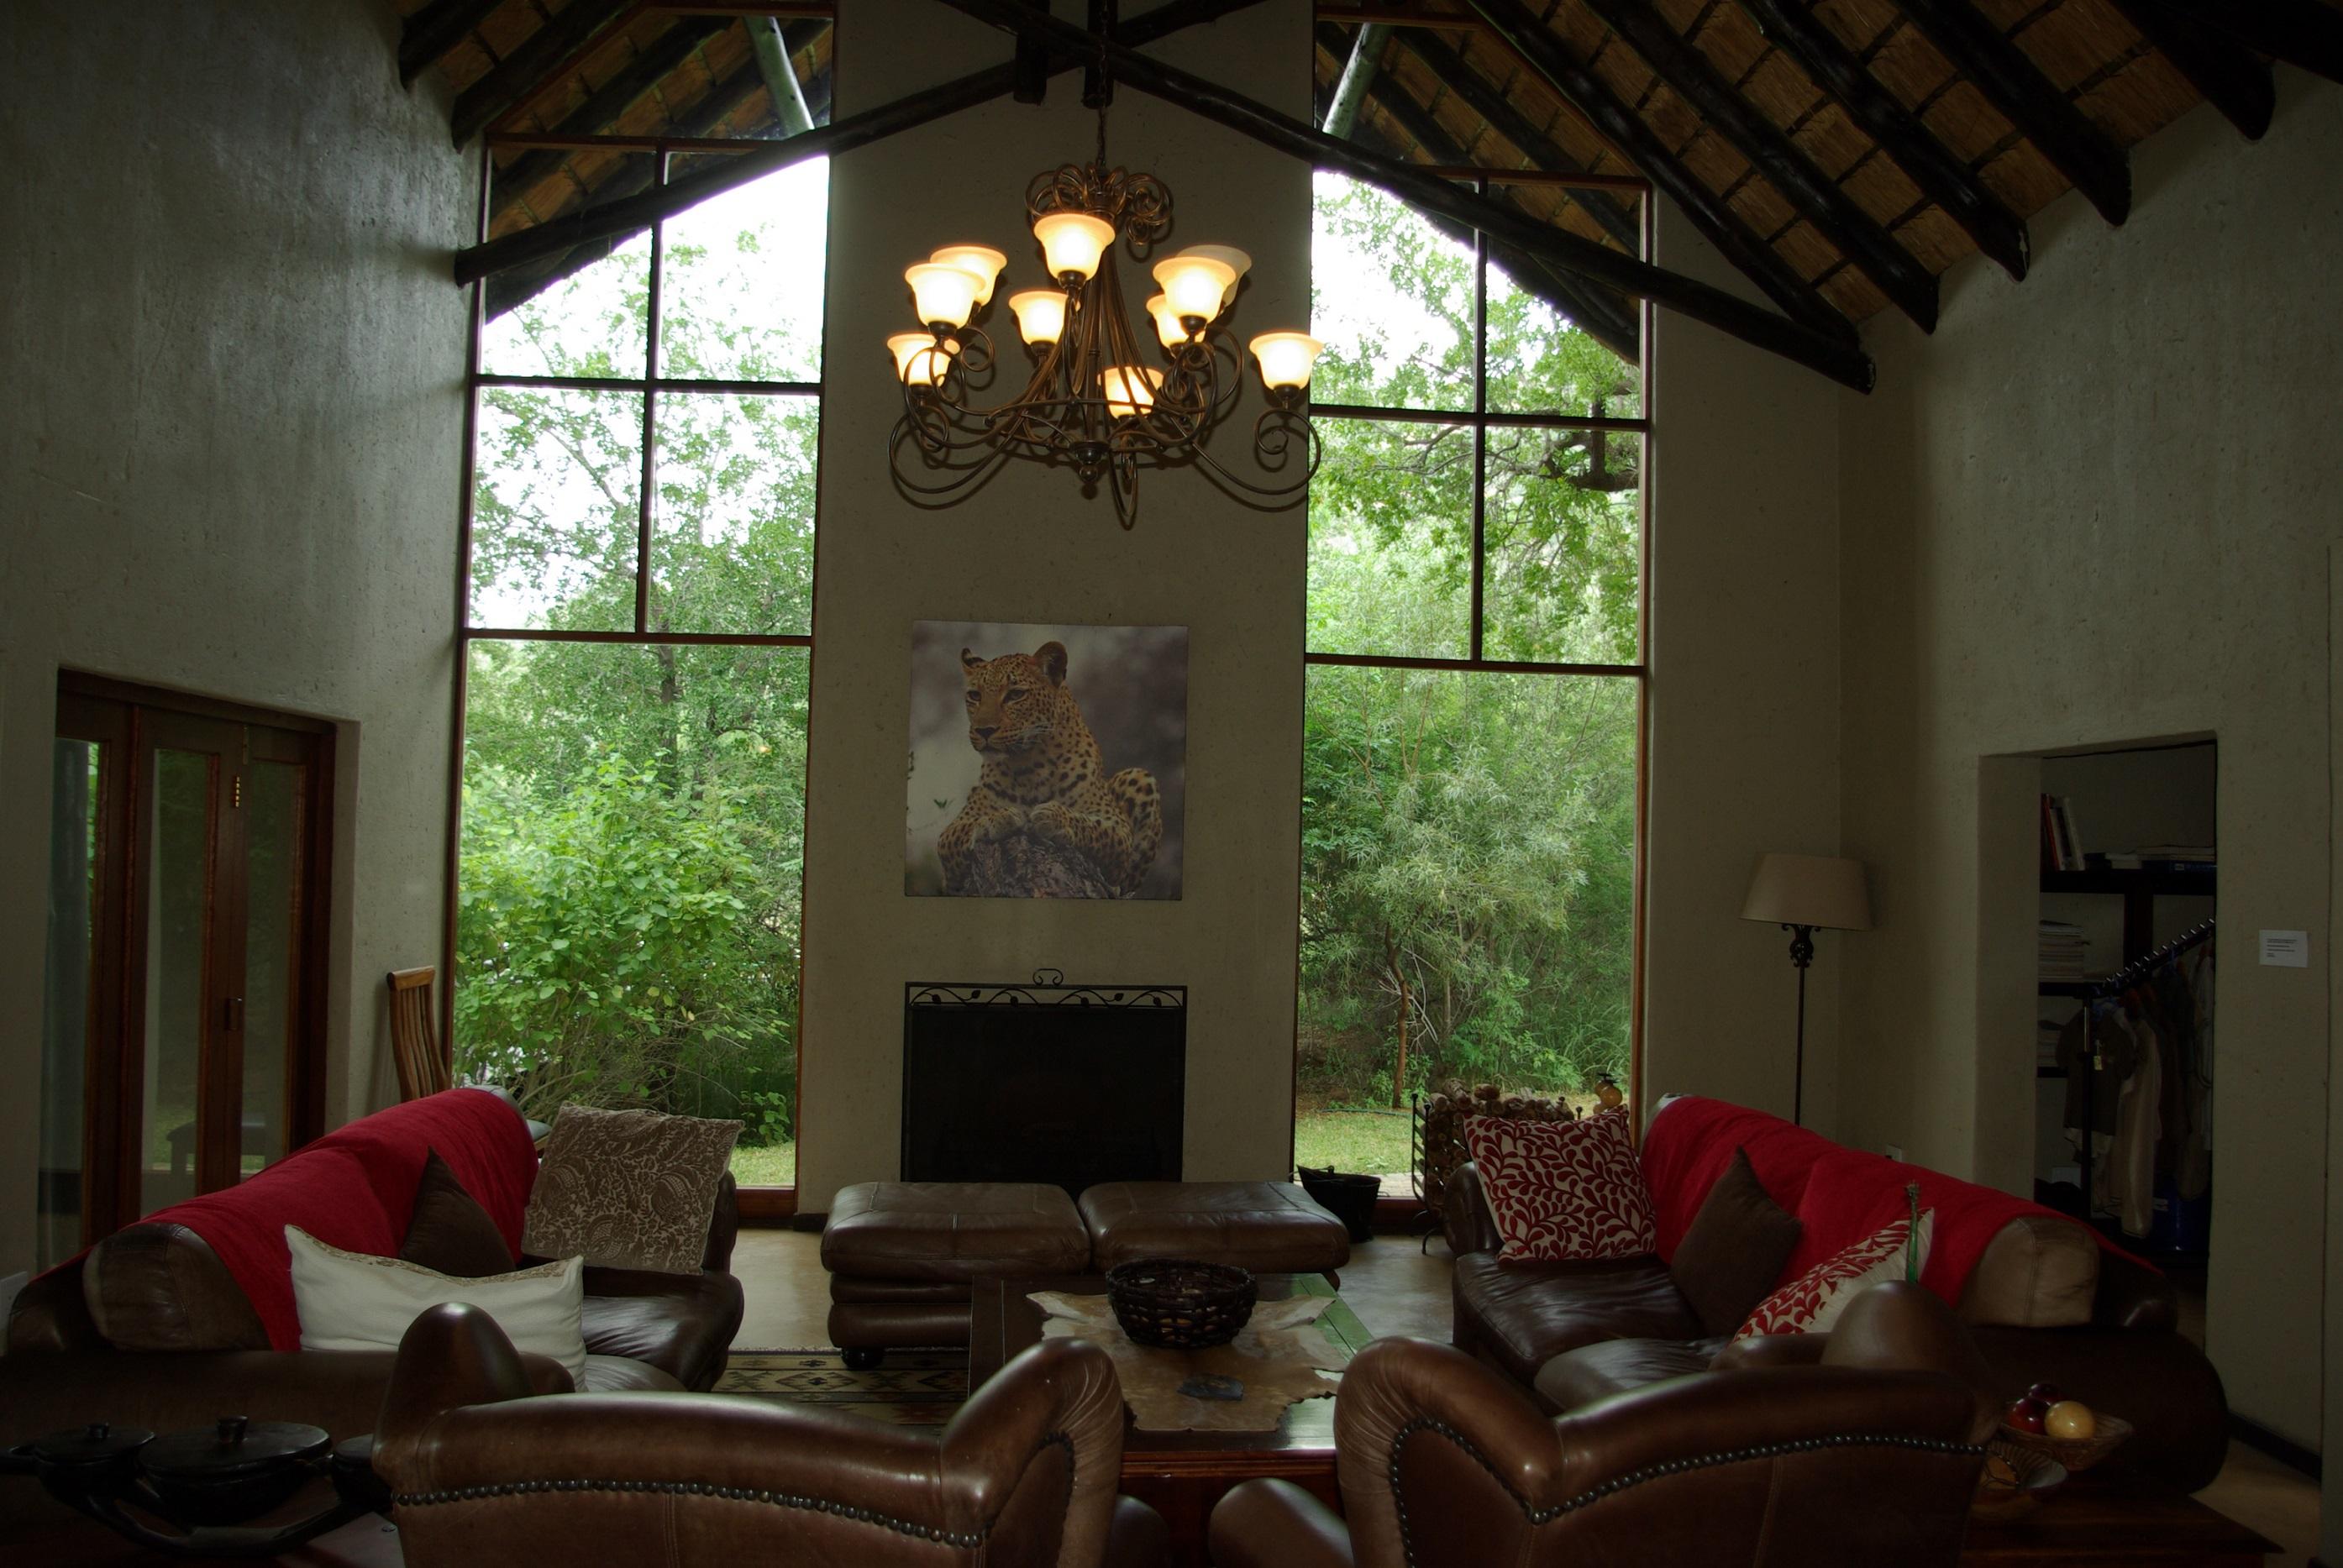 Inside lounging area